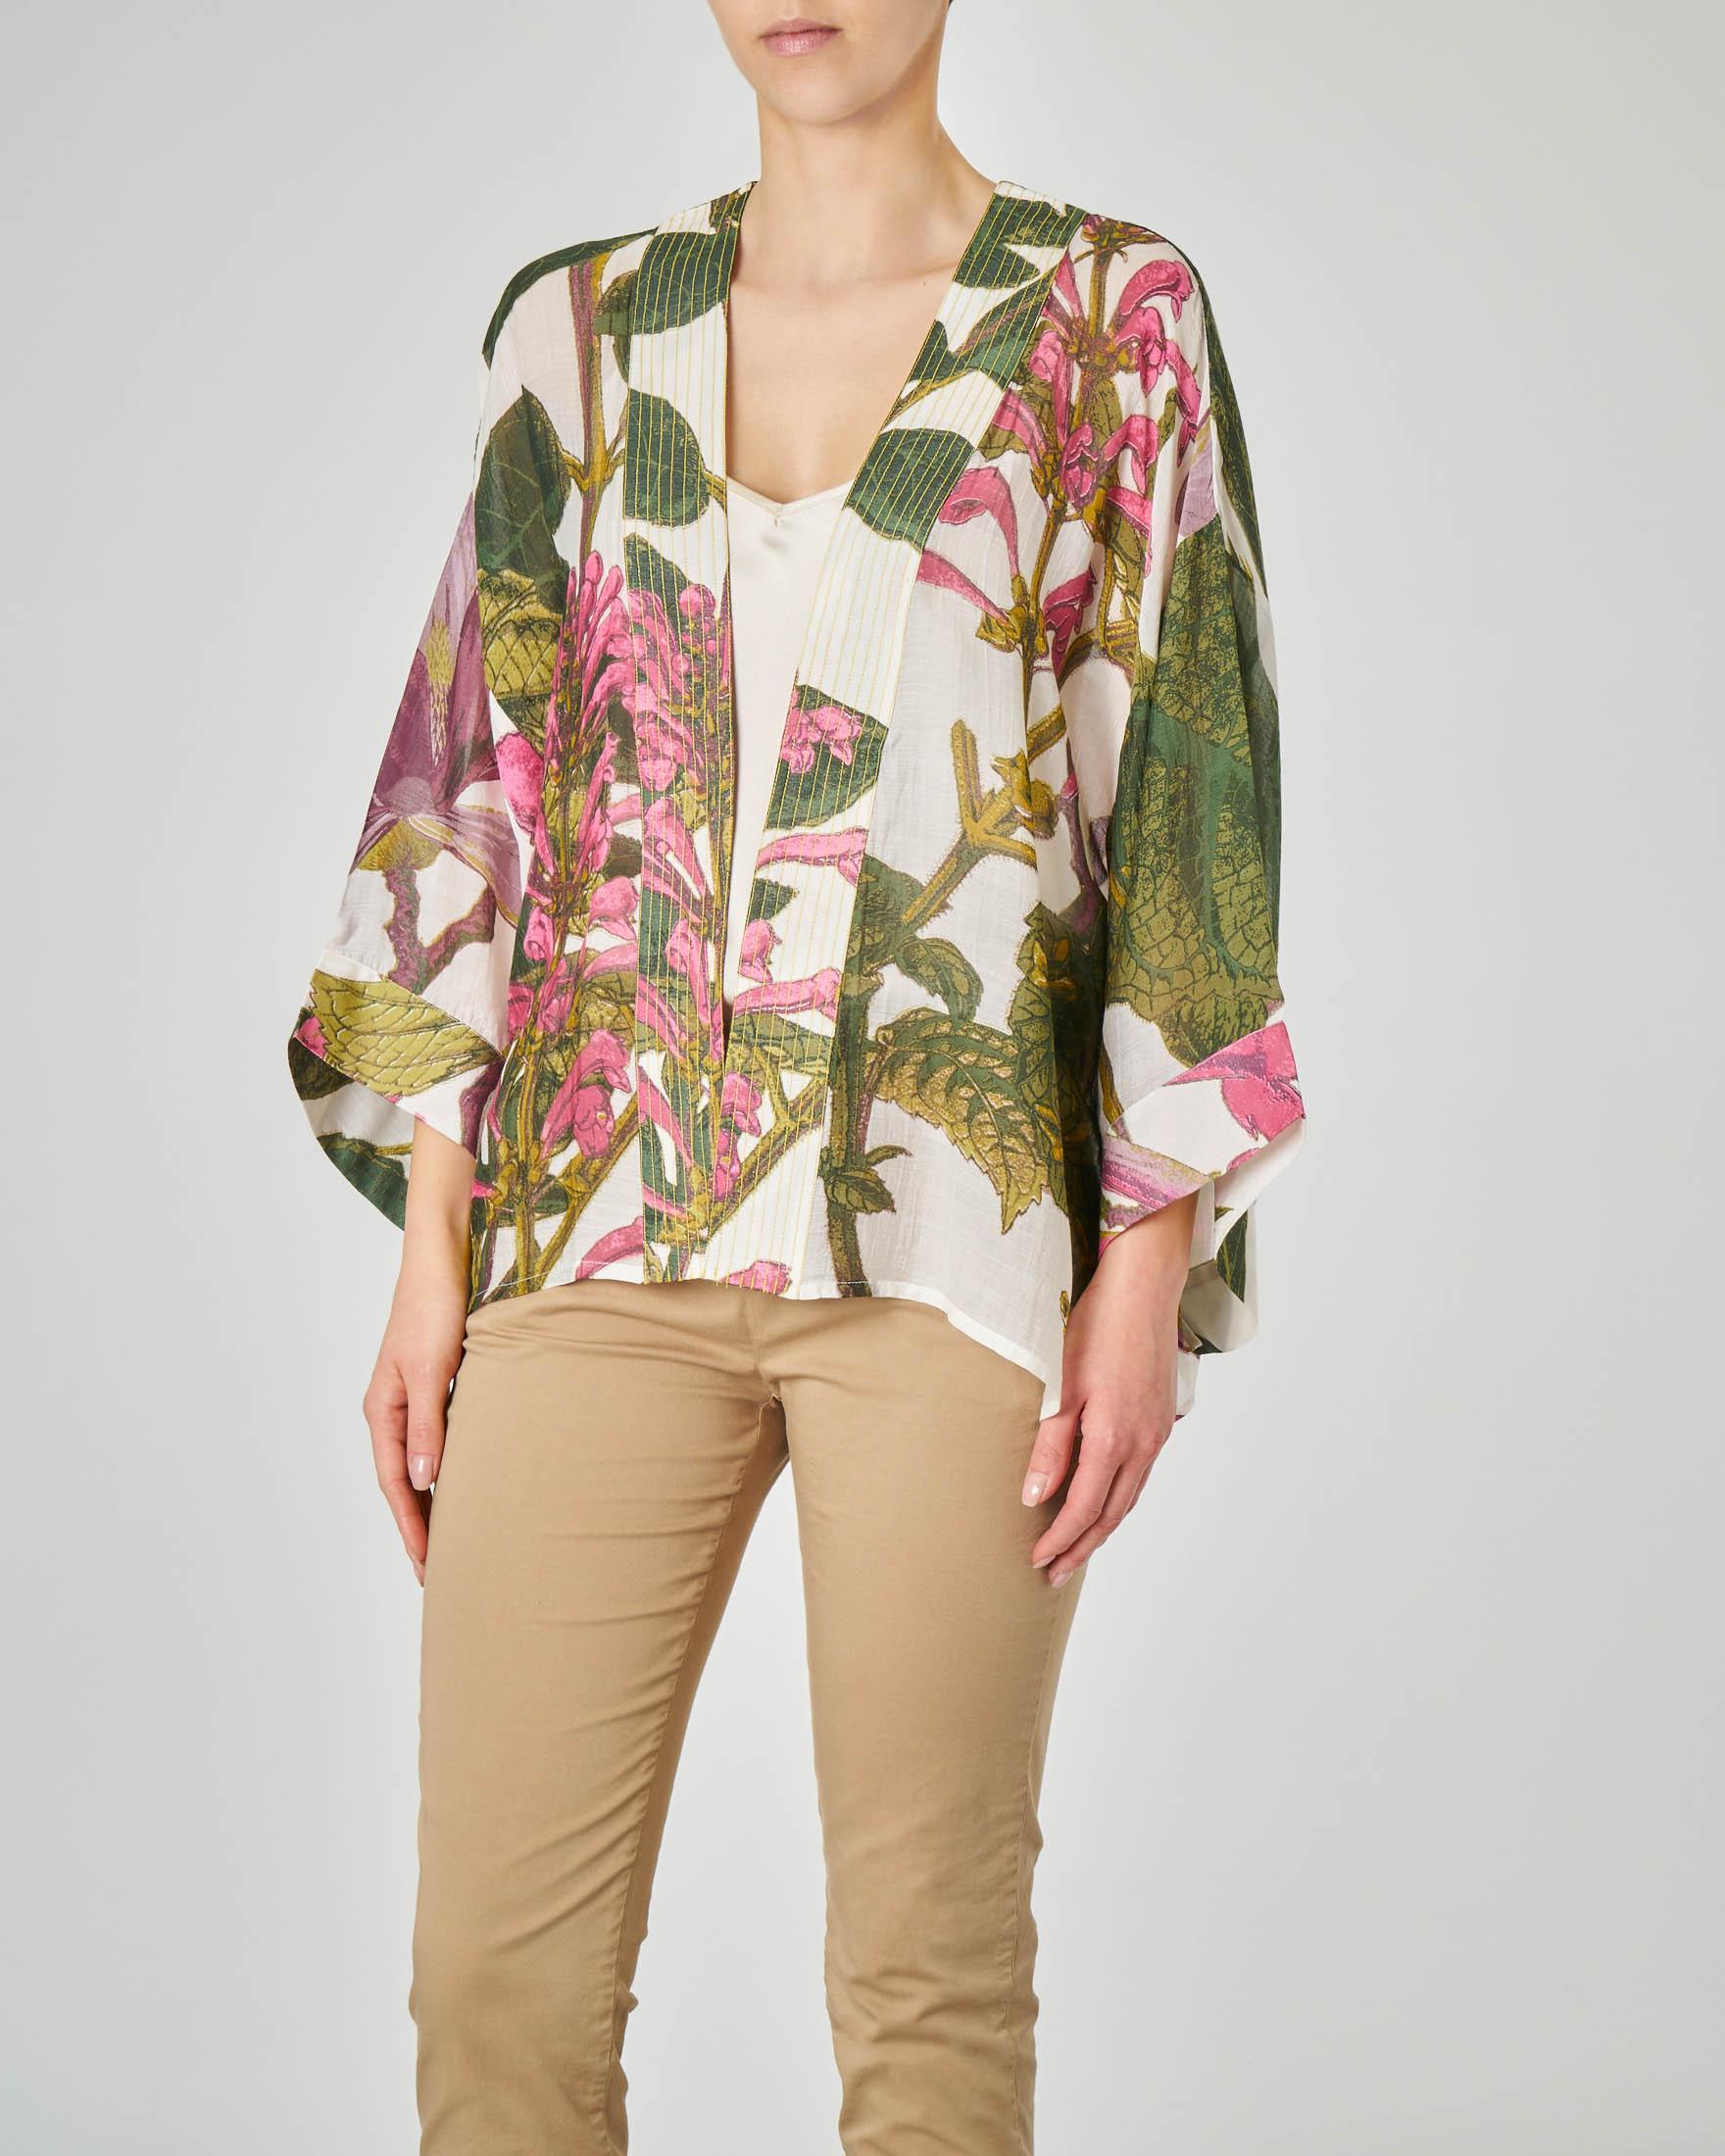 Kimono corto in viscosa misto modal color crema con stampa fiori di magnolia